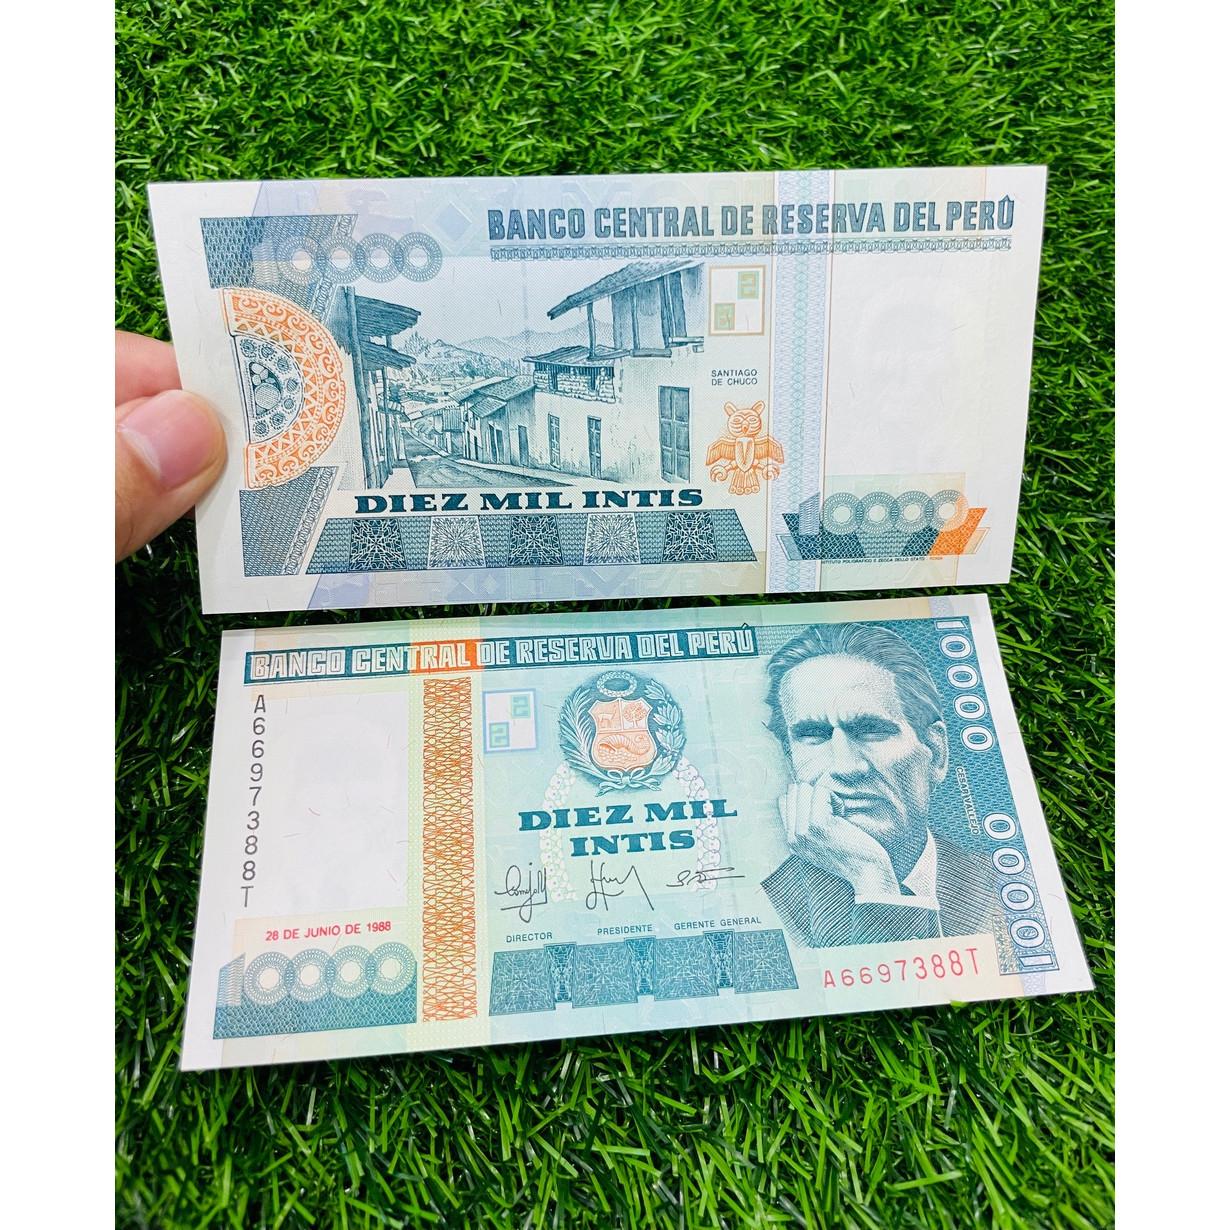 Tiền Peru 10000 Intis xưa 1988, tiền Nam Mỹ, mới 100% UNC, tặng túi nilon bảo quản The Merrick Mint